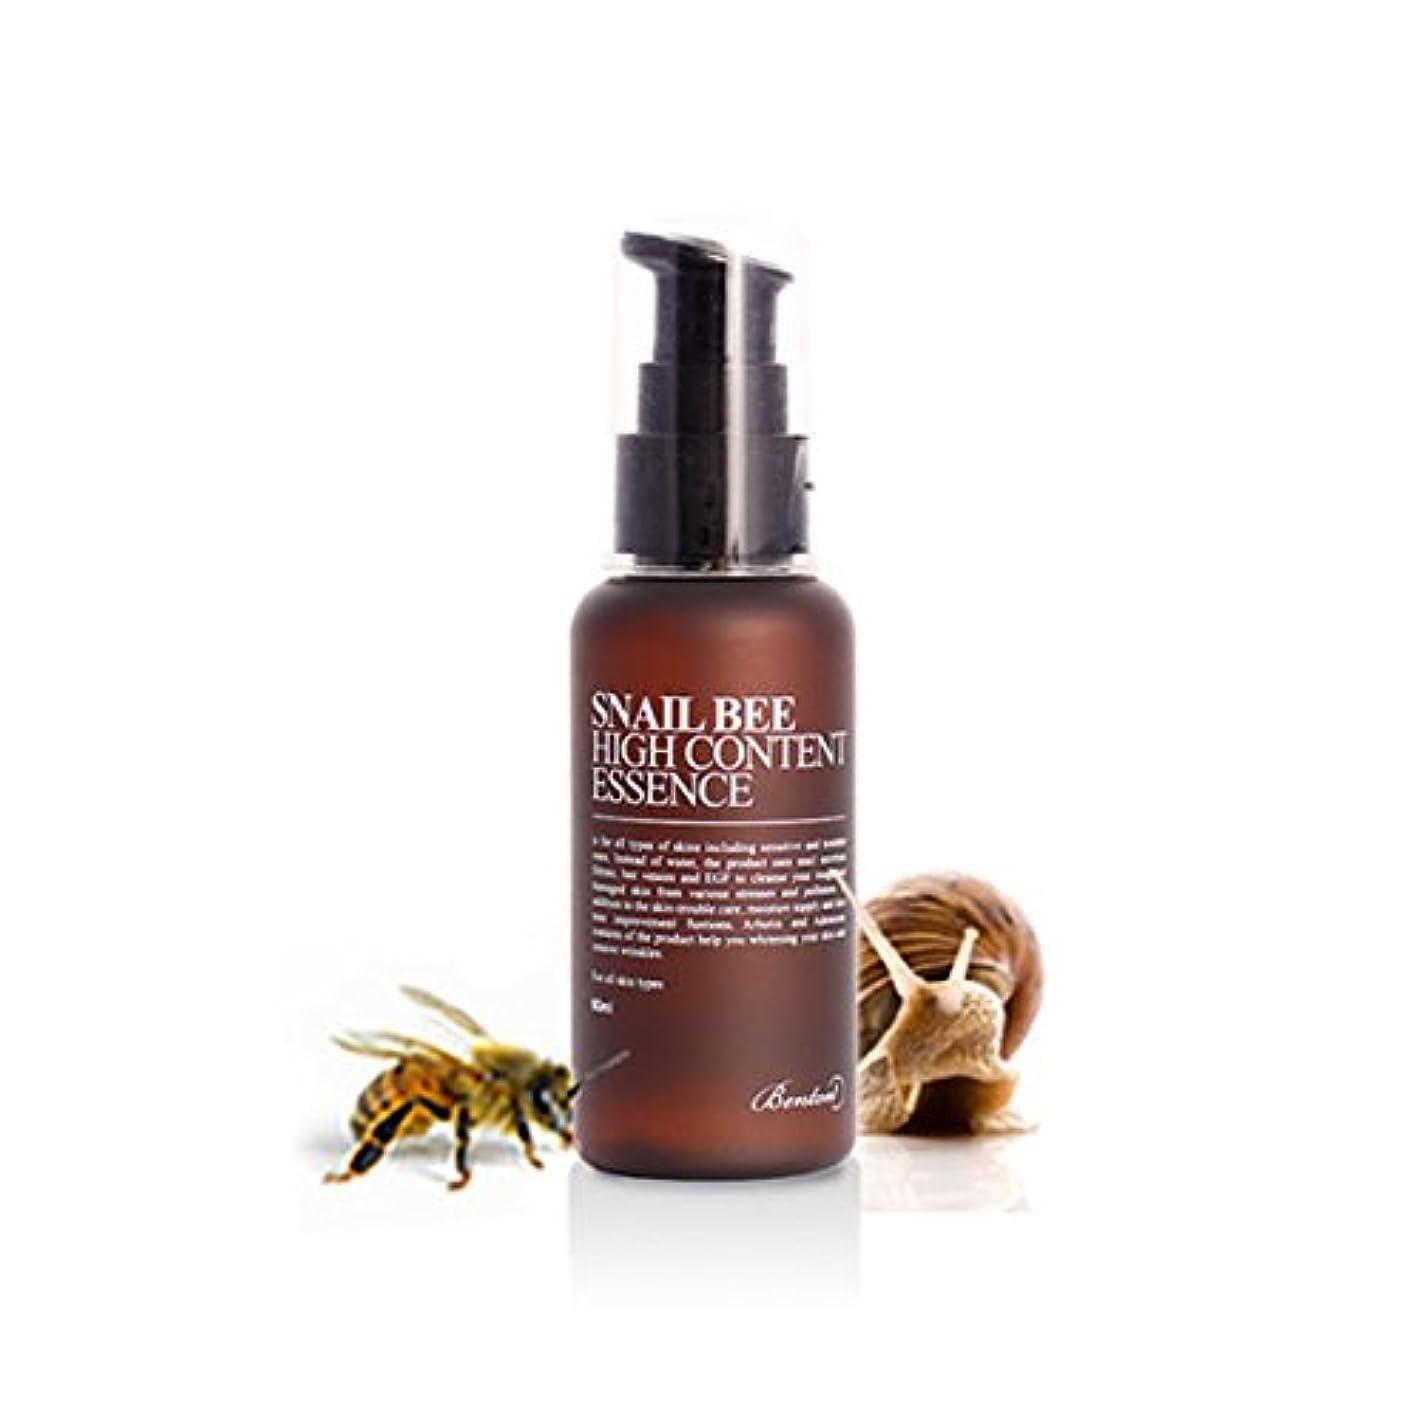 堀医薬品肥料[ベントン] Benton カタツムリ蜂ハイコンテンツエッセンス Snail Bee High Content Essence 60ml [並行輸入品]